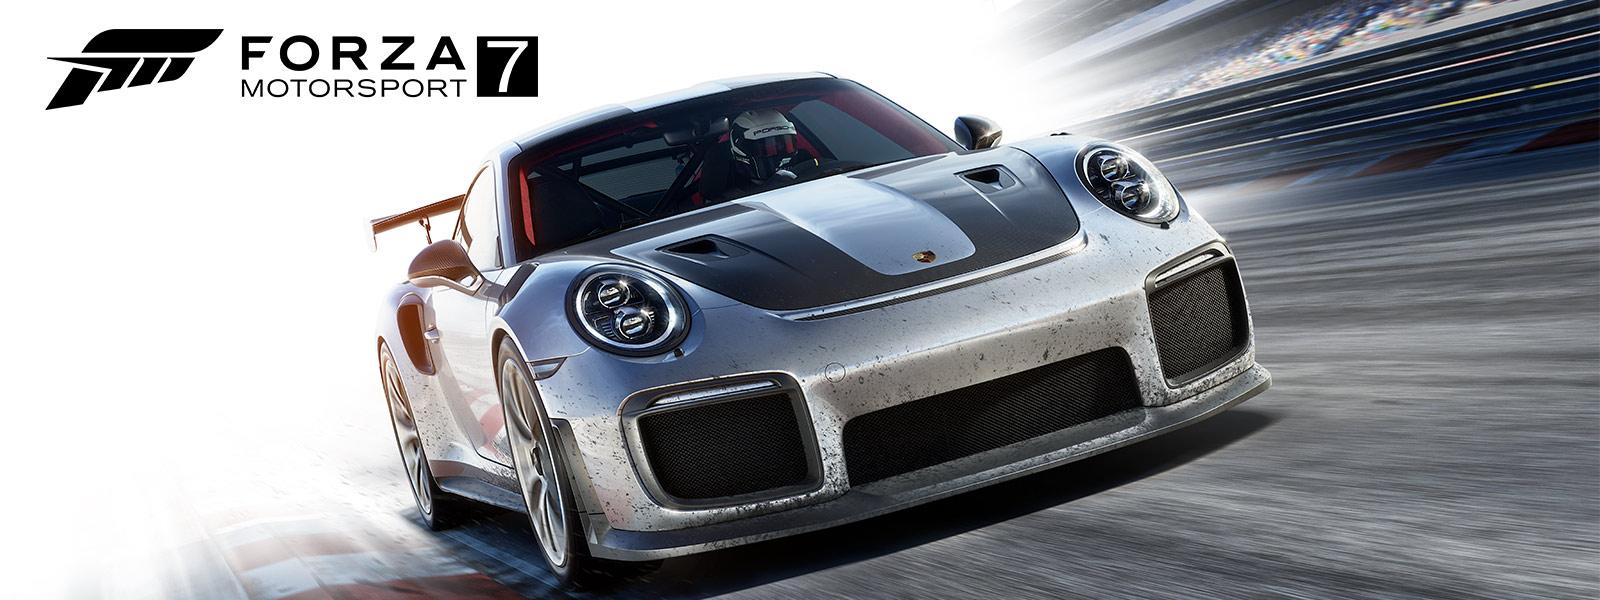 Tela do jogo Forza Motorsport 7